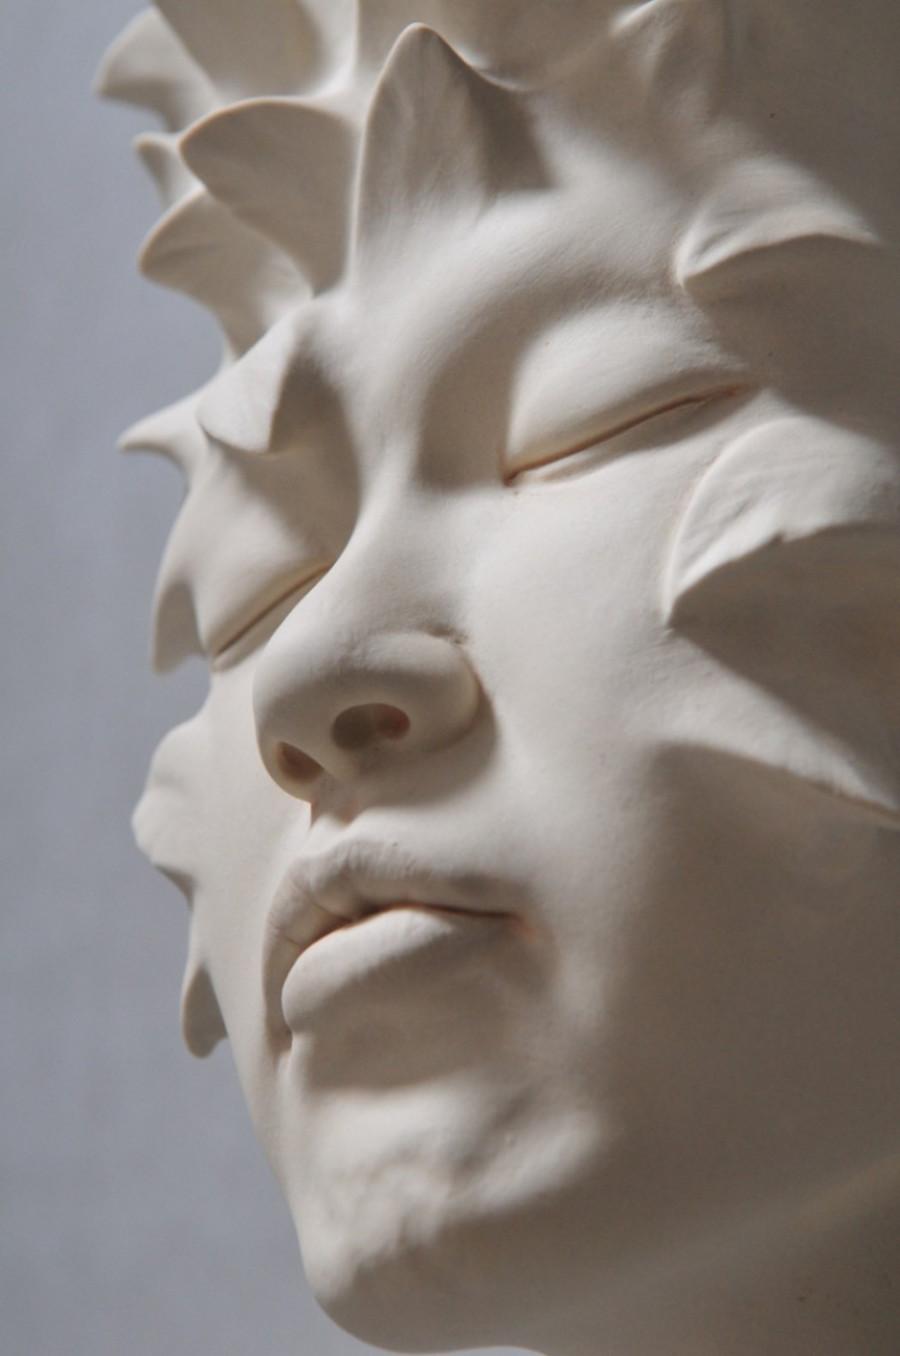 Minti deschise: Sculpturi suprarealiste din portelan - Poza 14